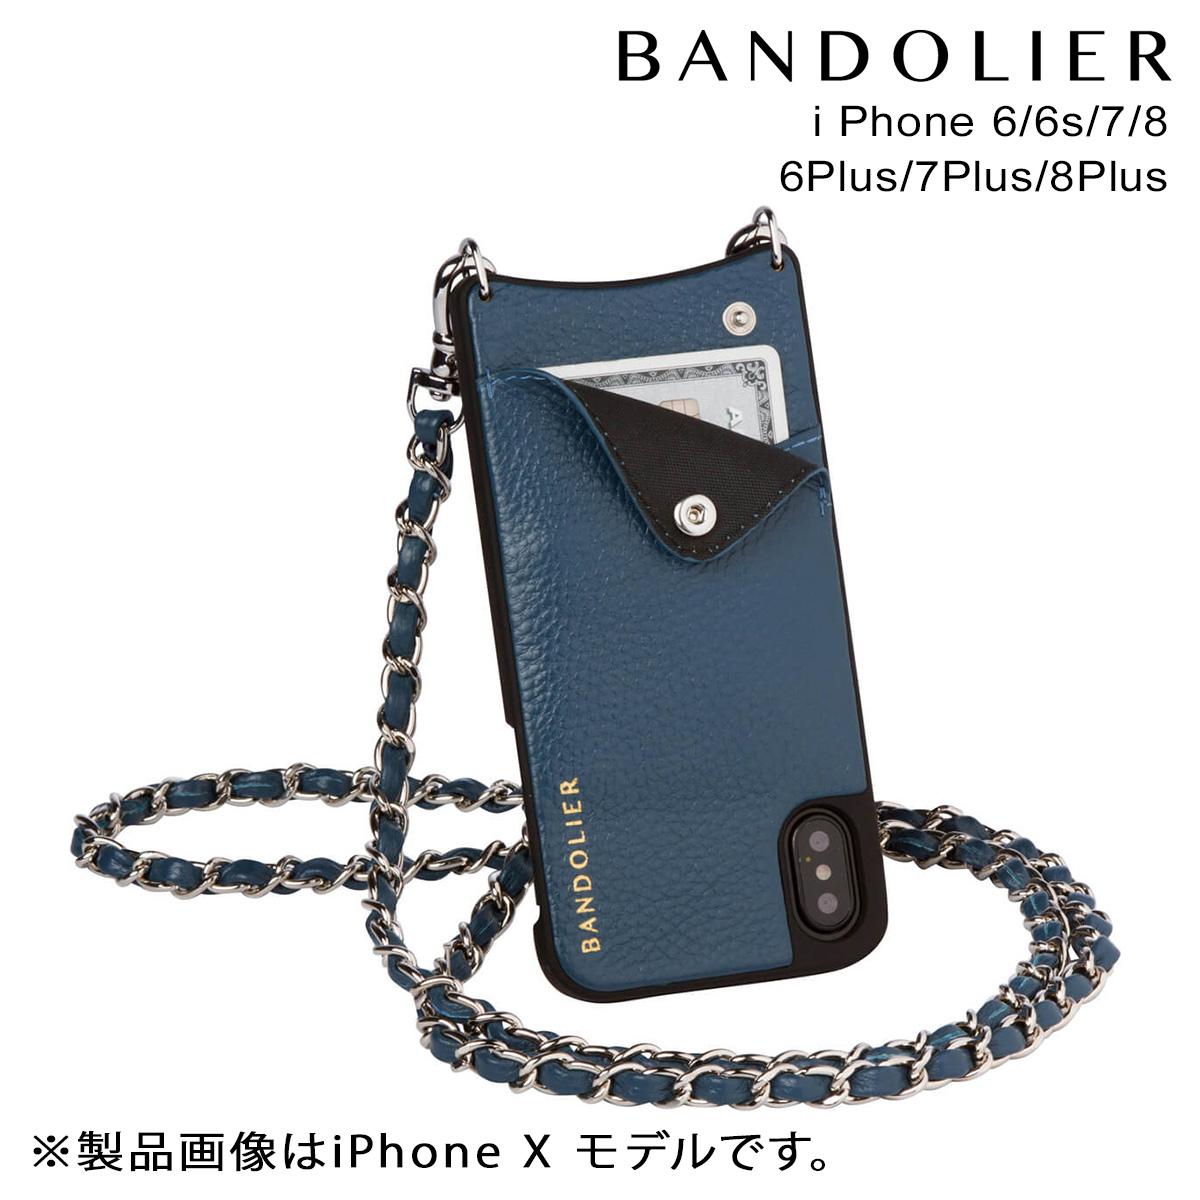 【最大2000円OFFクーポン】 BANDOLIER バンドリヤー iPhone8 iPhone7 7Plus 6s ケース スマホ アイフォン プラス LUCY SAPPHIRE メンズ レディース